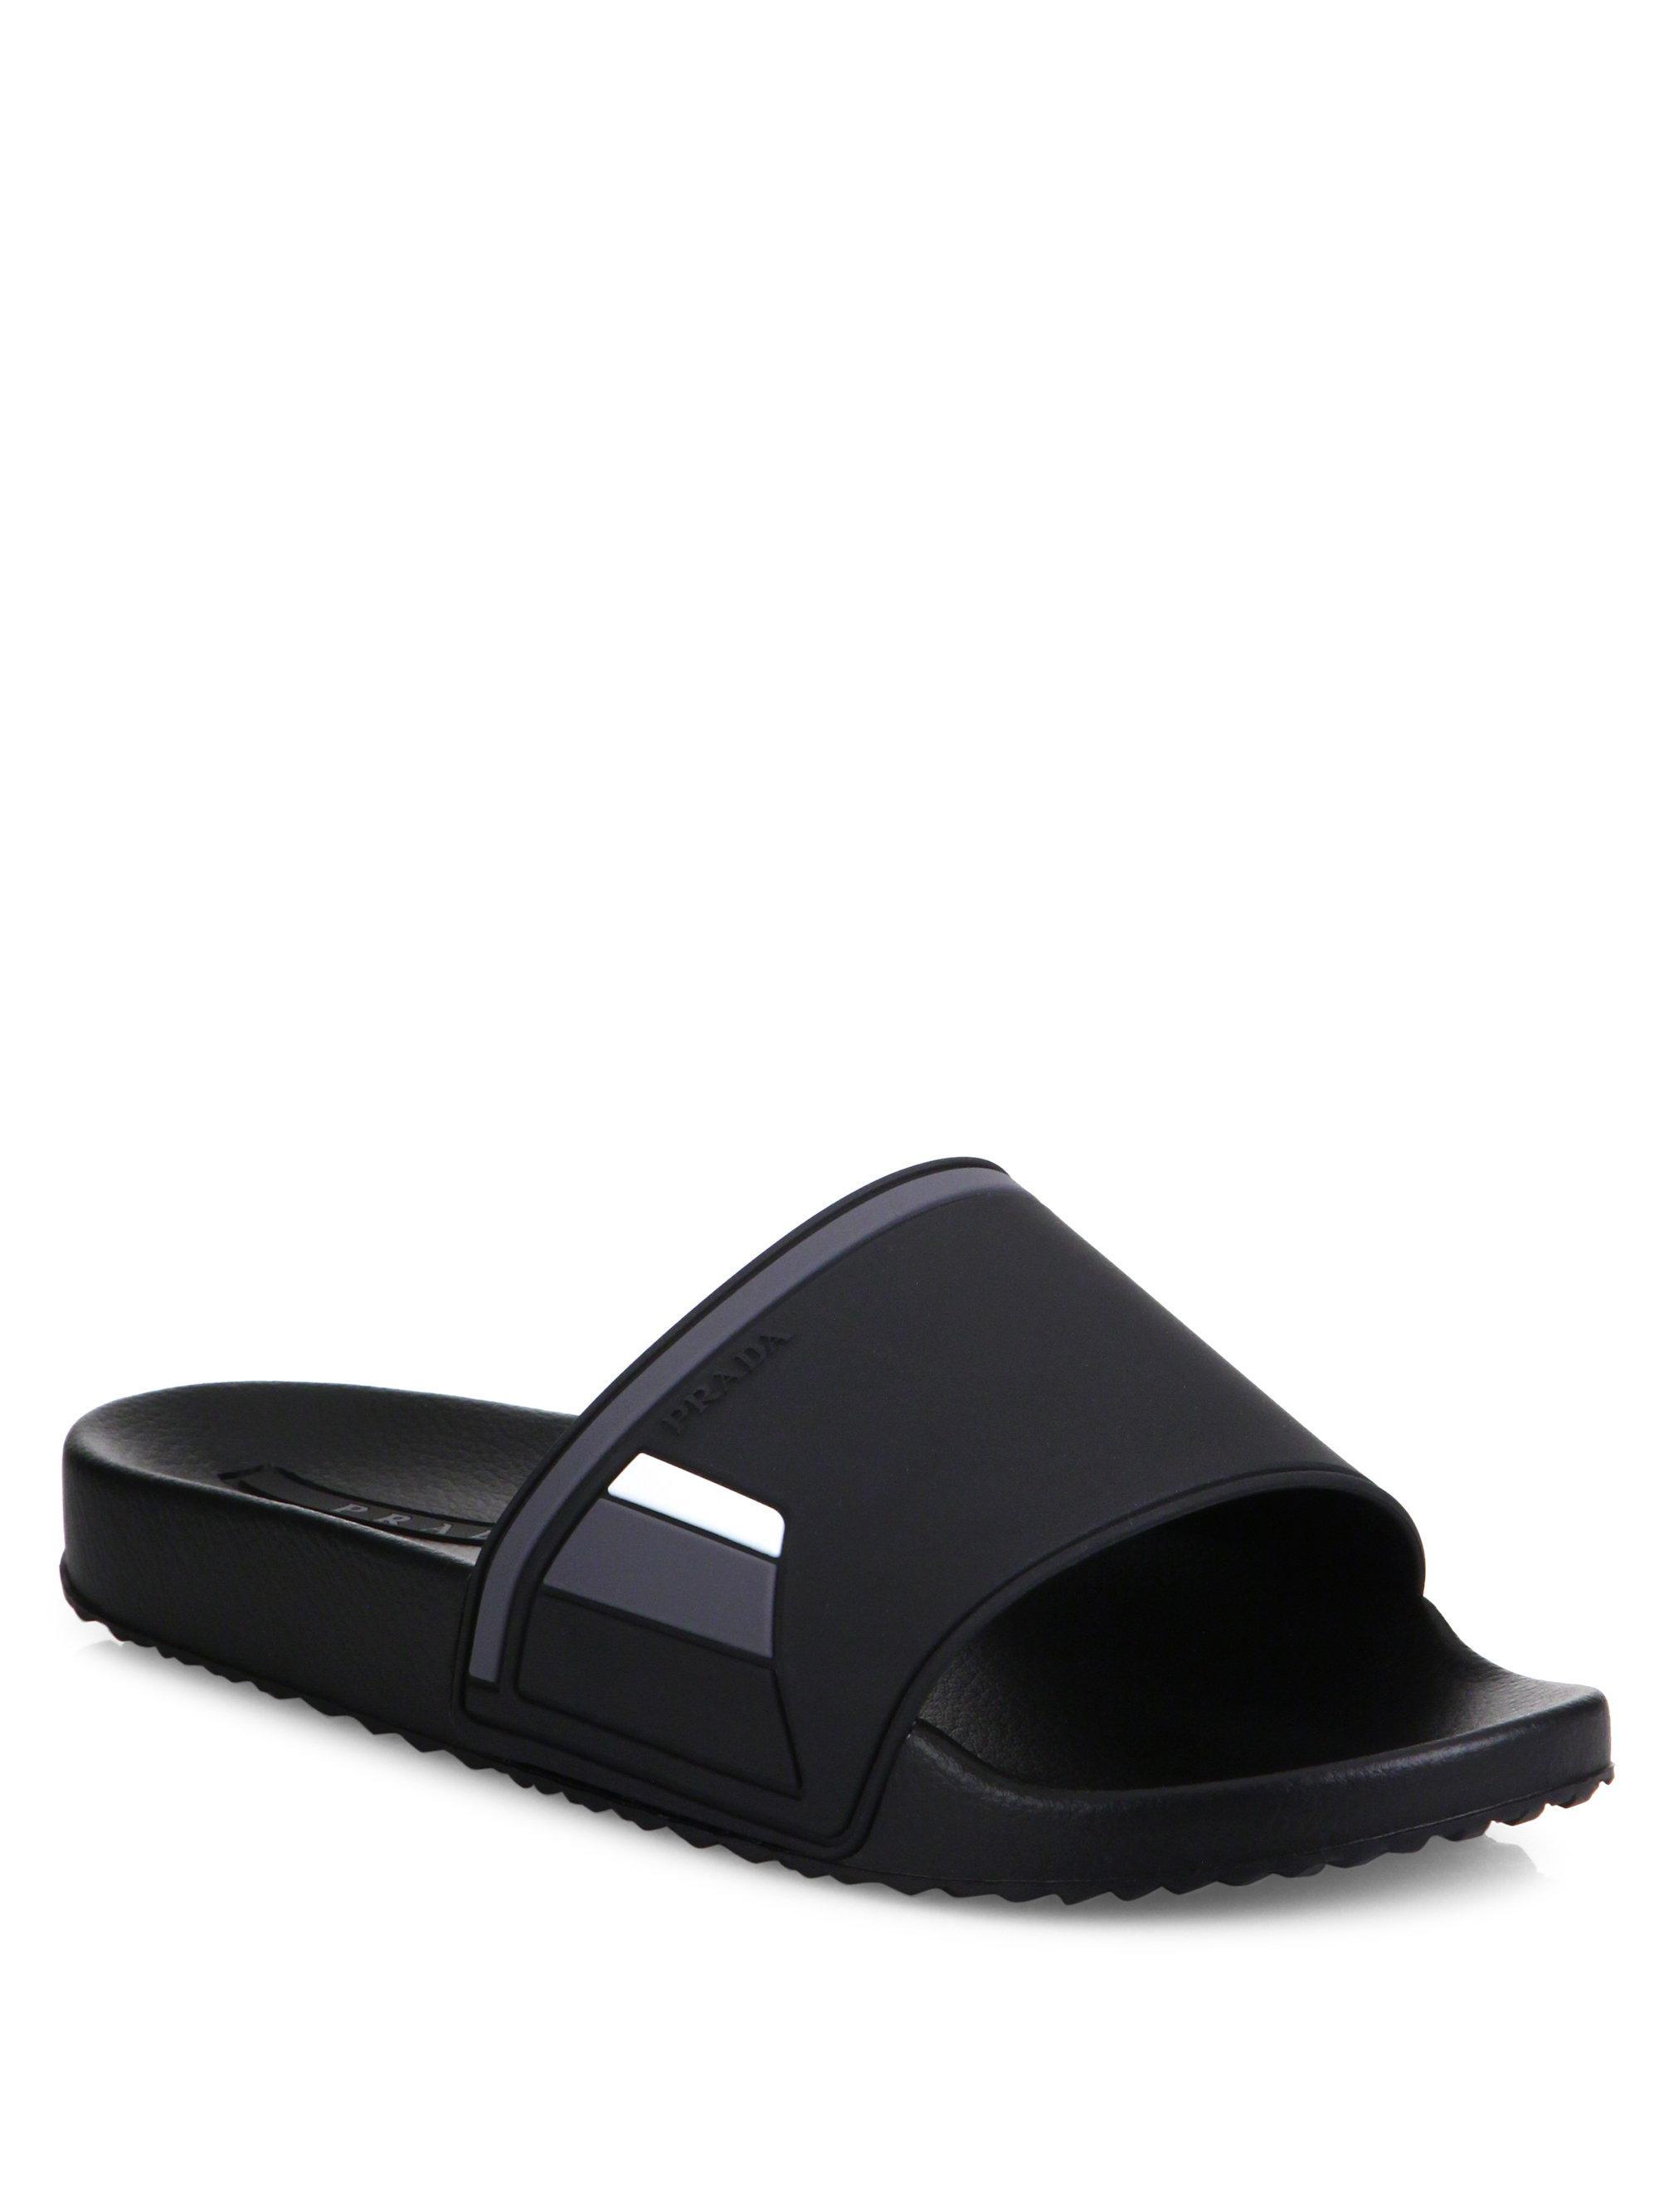 a216e6192ccc Gucci Slides Saks Fifth. Prada Shower Slide Sandals in Black for Men